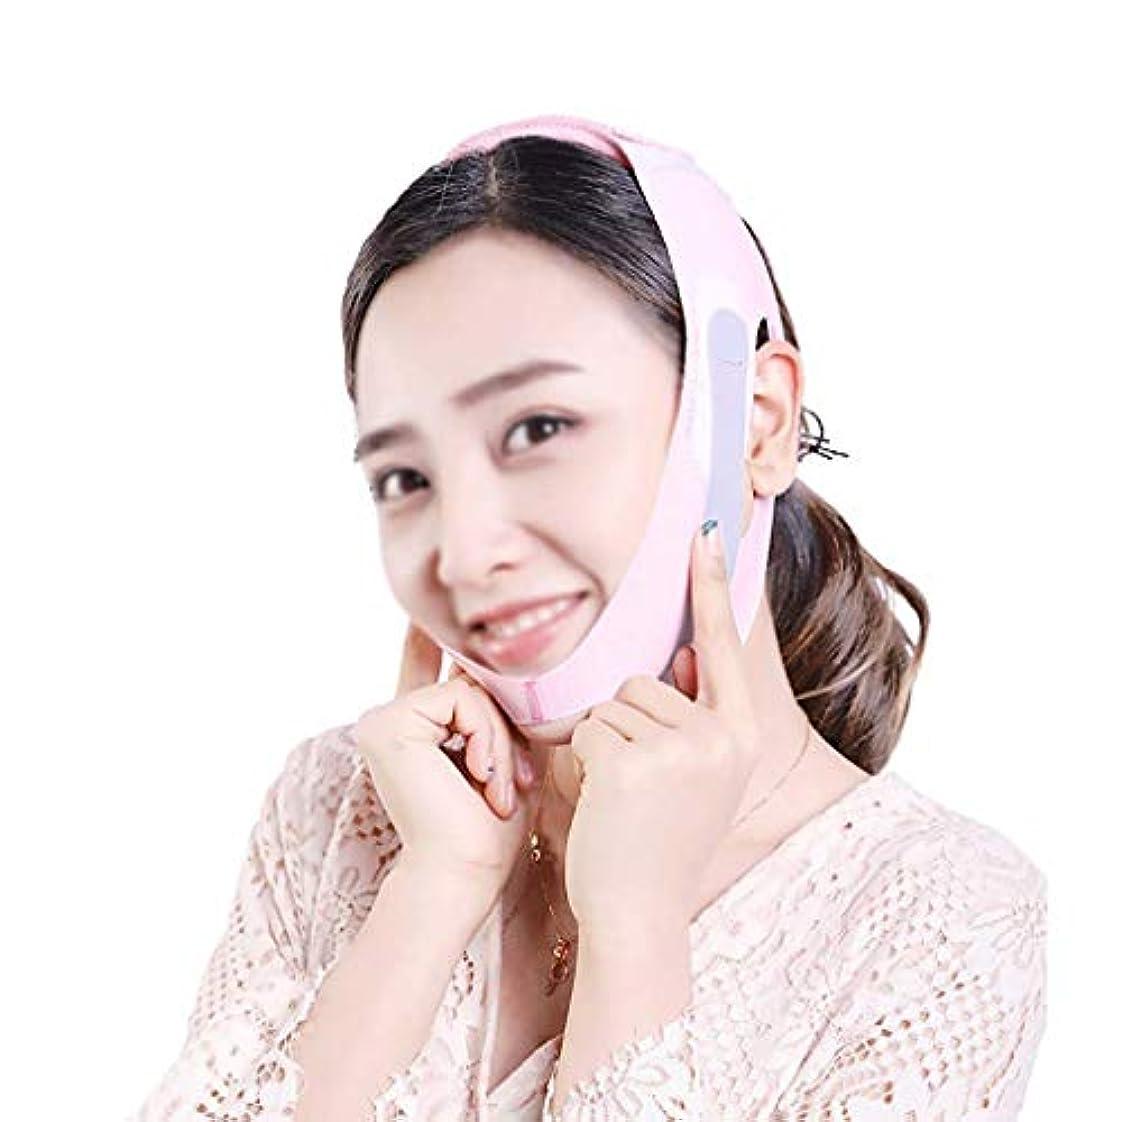 フェイシャルマスク、フェイスリフティングアーティファクト包帯リムーバーダブルチンスティックリフティングタイトなマッサージ師筋肉リフティングフェイスを垂れ防止スリミングベルト